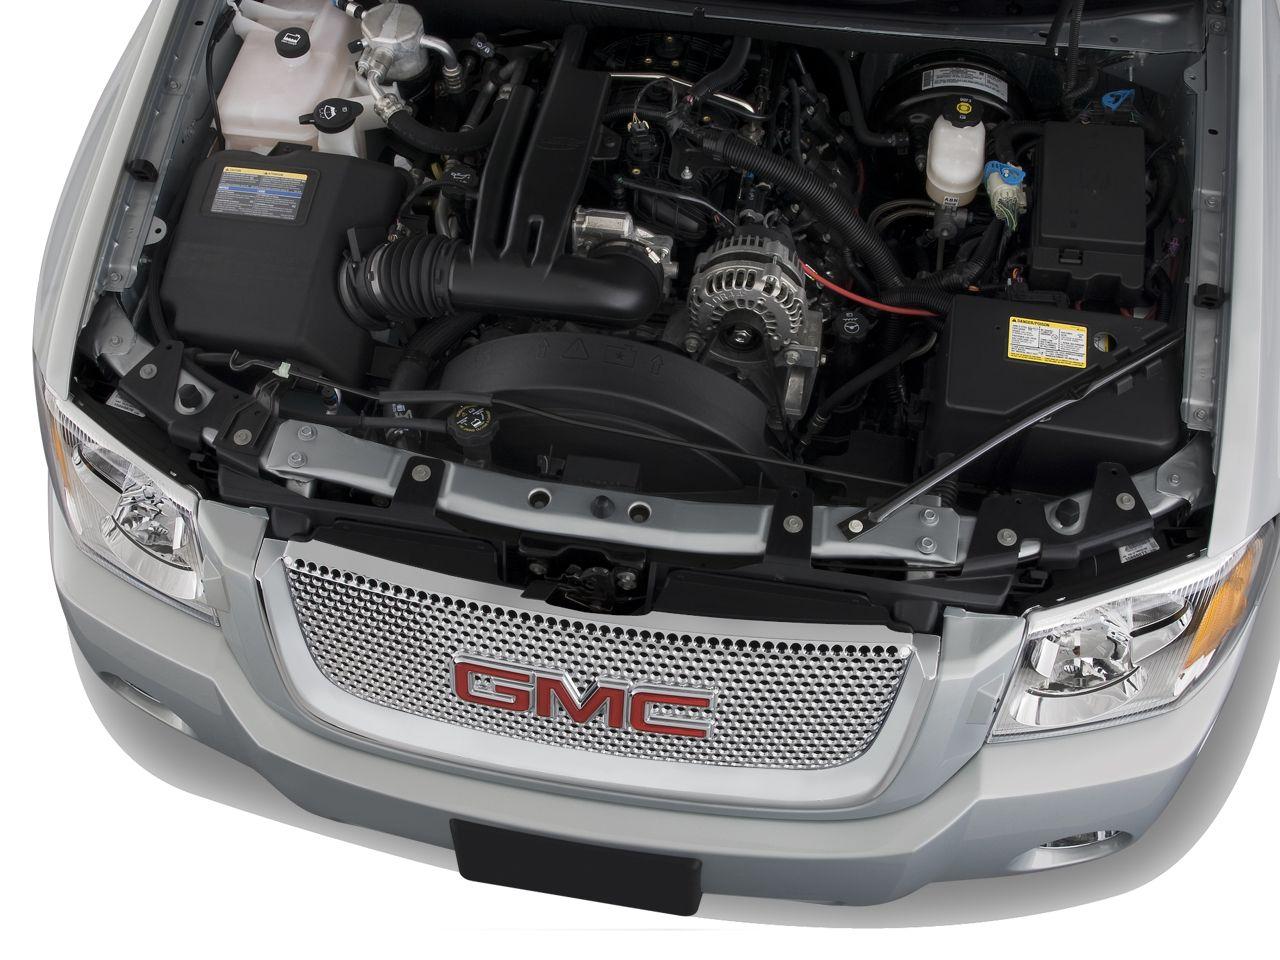 Gmc Envoy Ltz Gmc Envoy Gmc New Engine